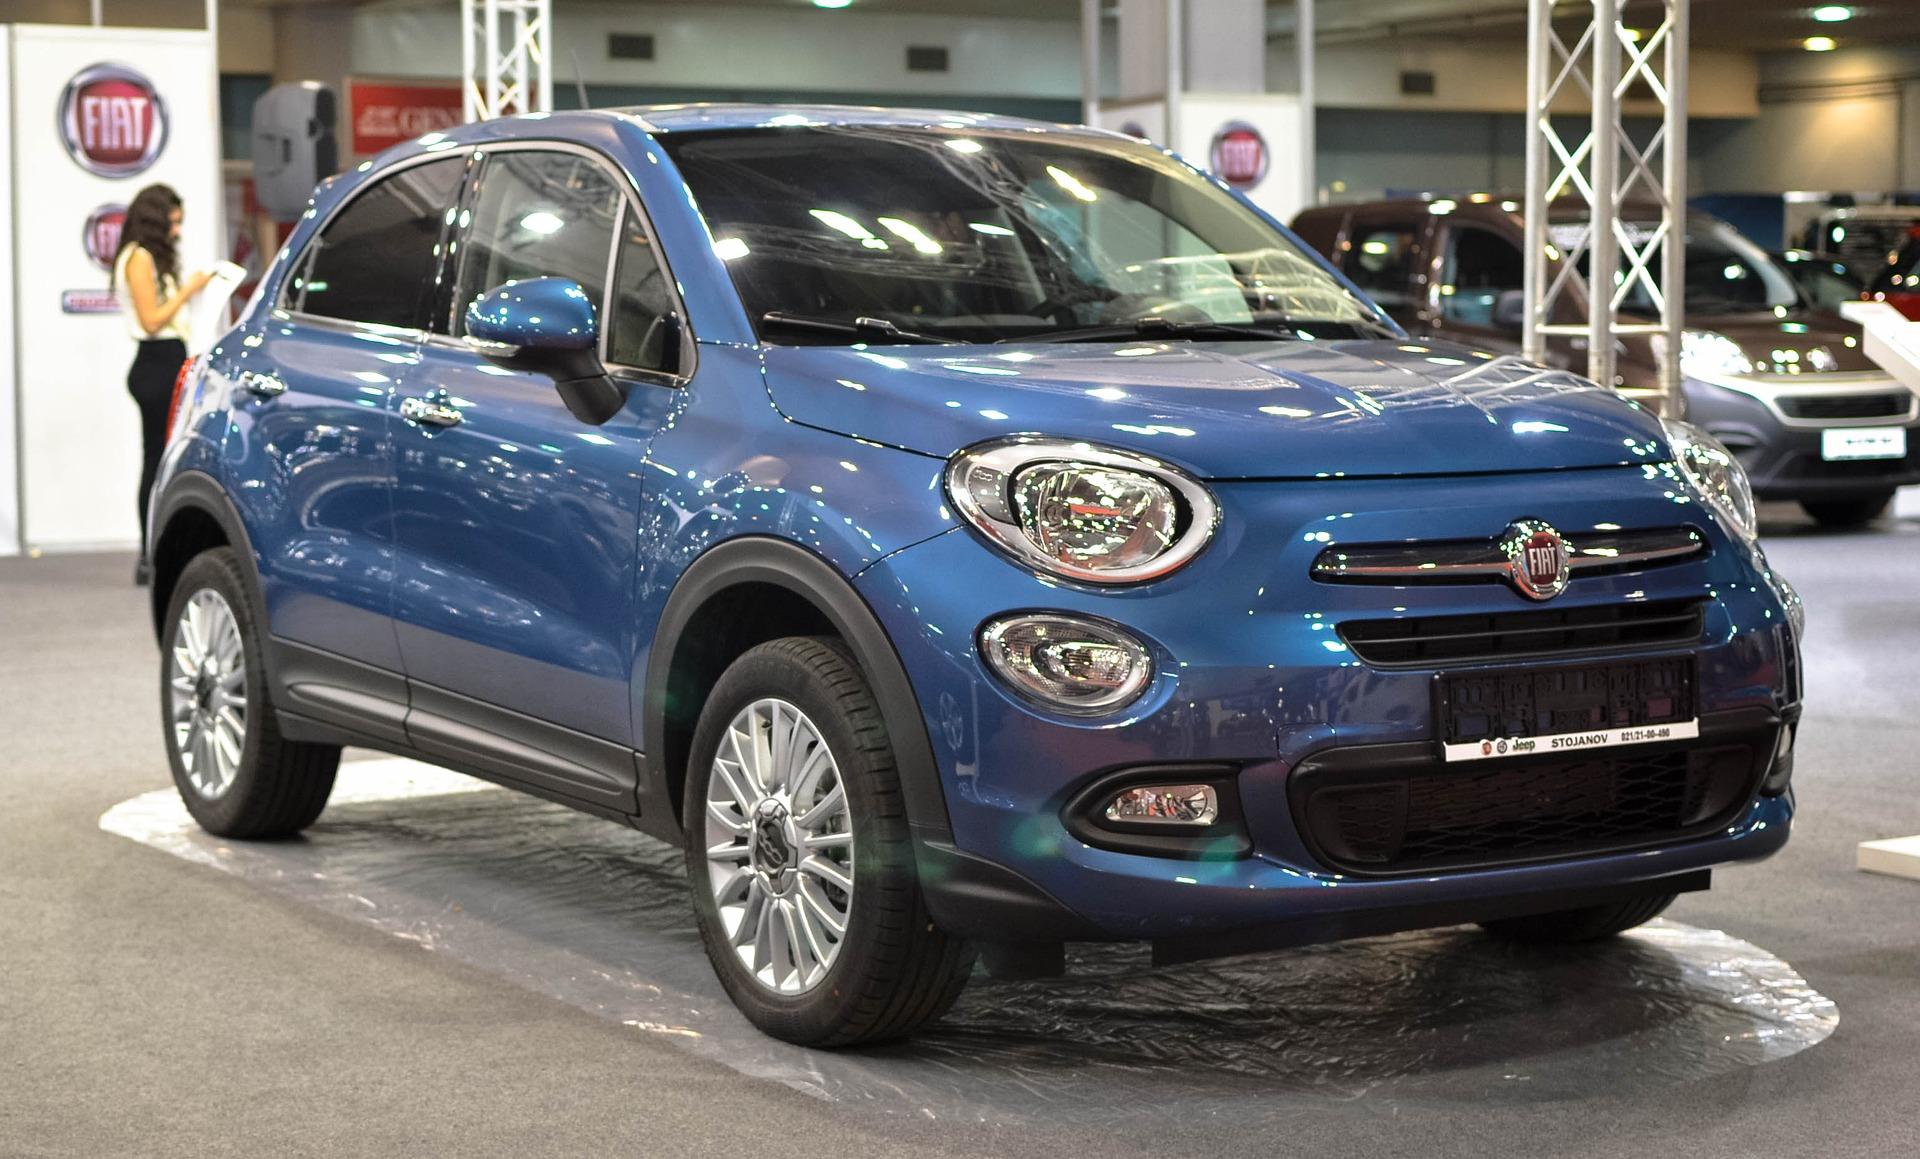 Et si vous vous offriez une nouvelle voiture de la marque Fiat pour les fêtes de fin d'année?!